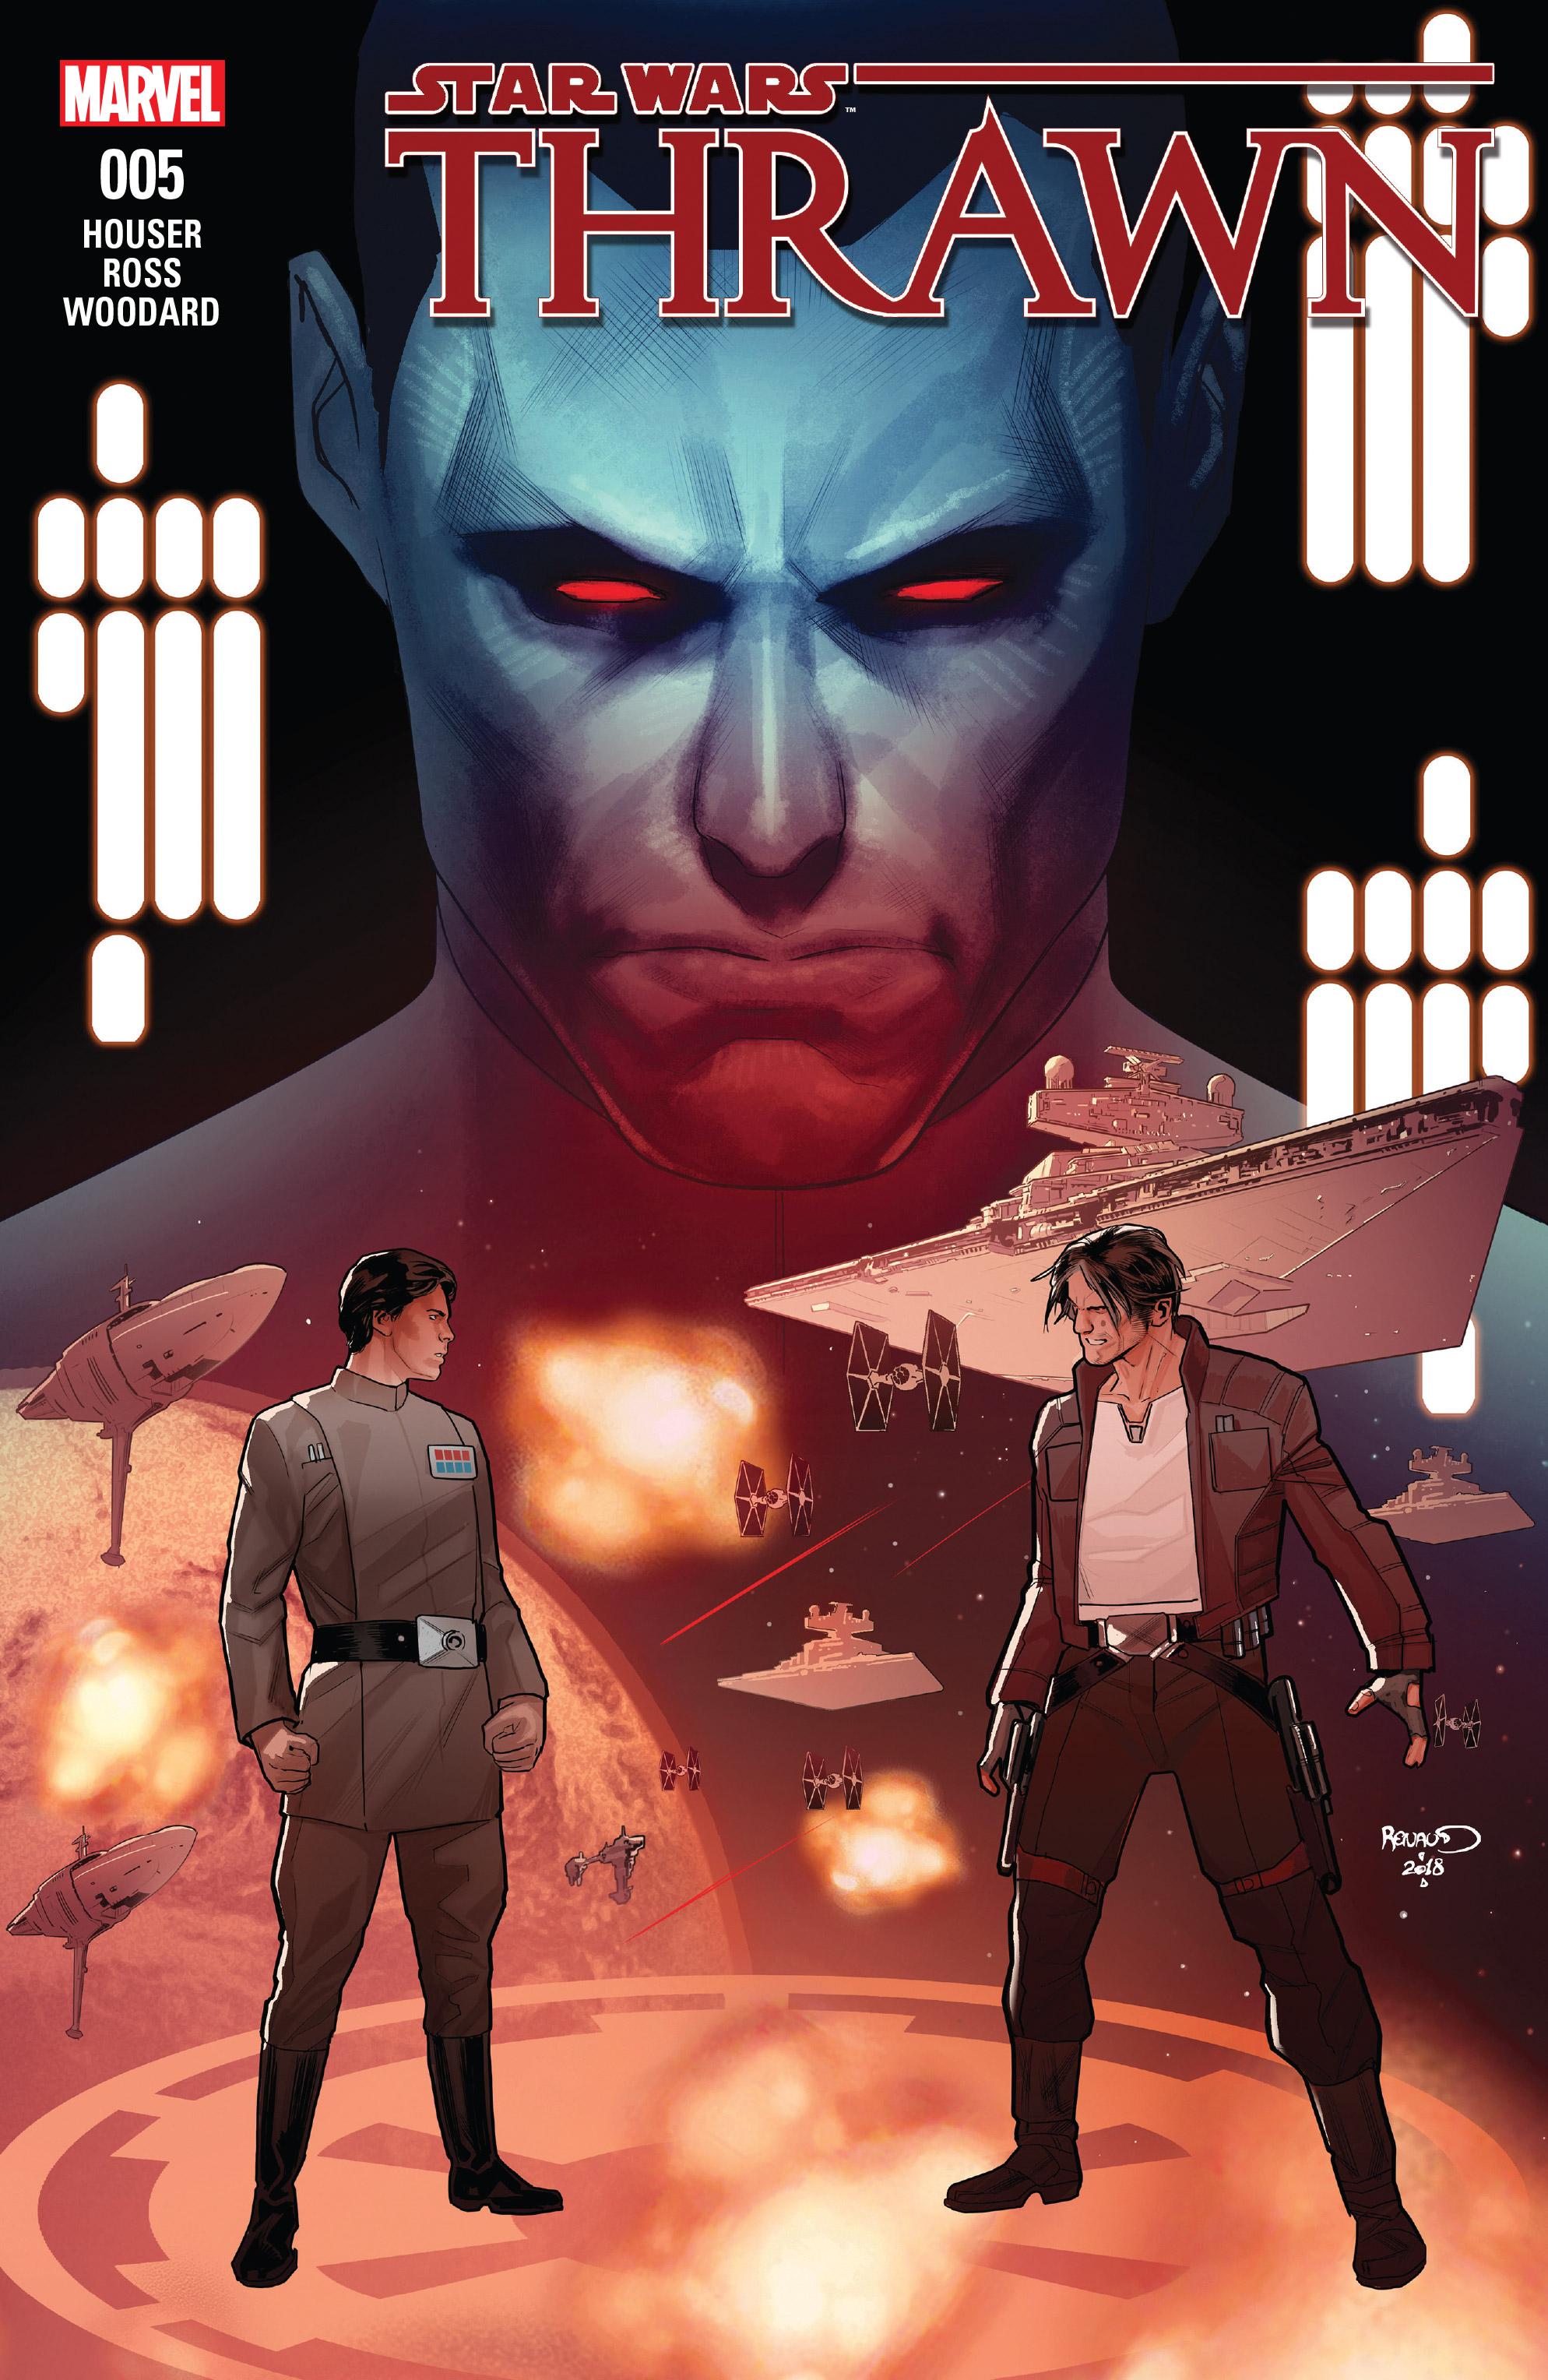 Звёздные войны: Траун, часть 5